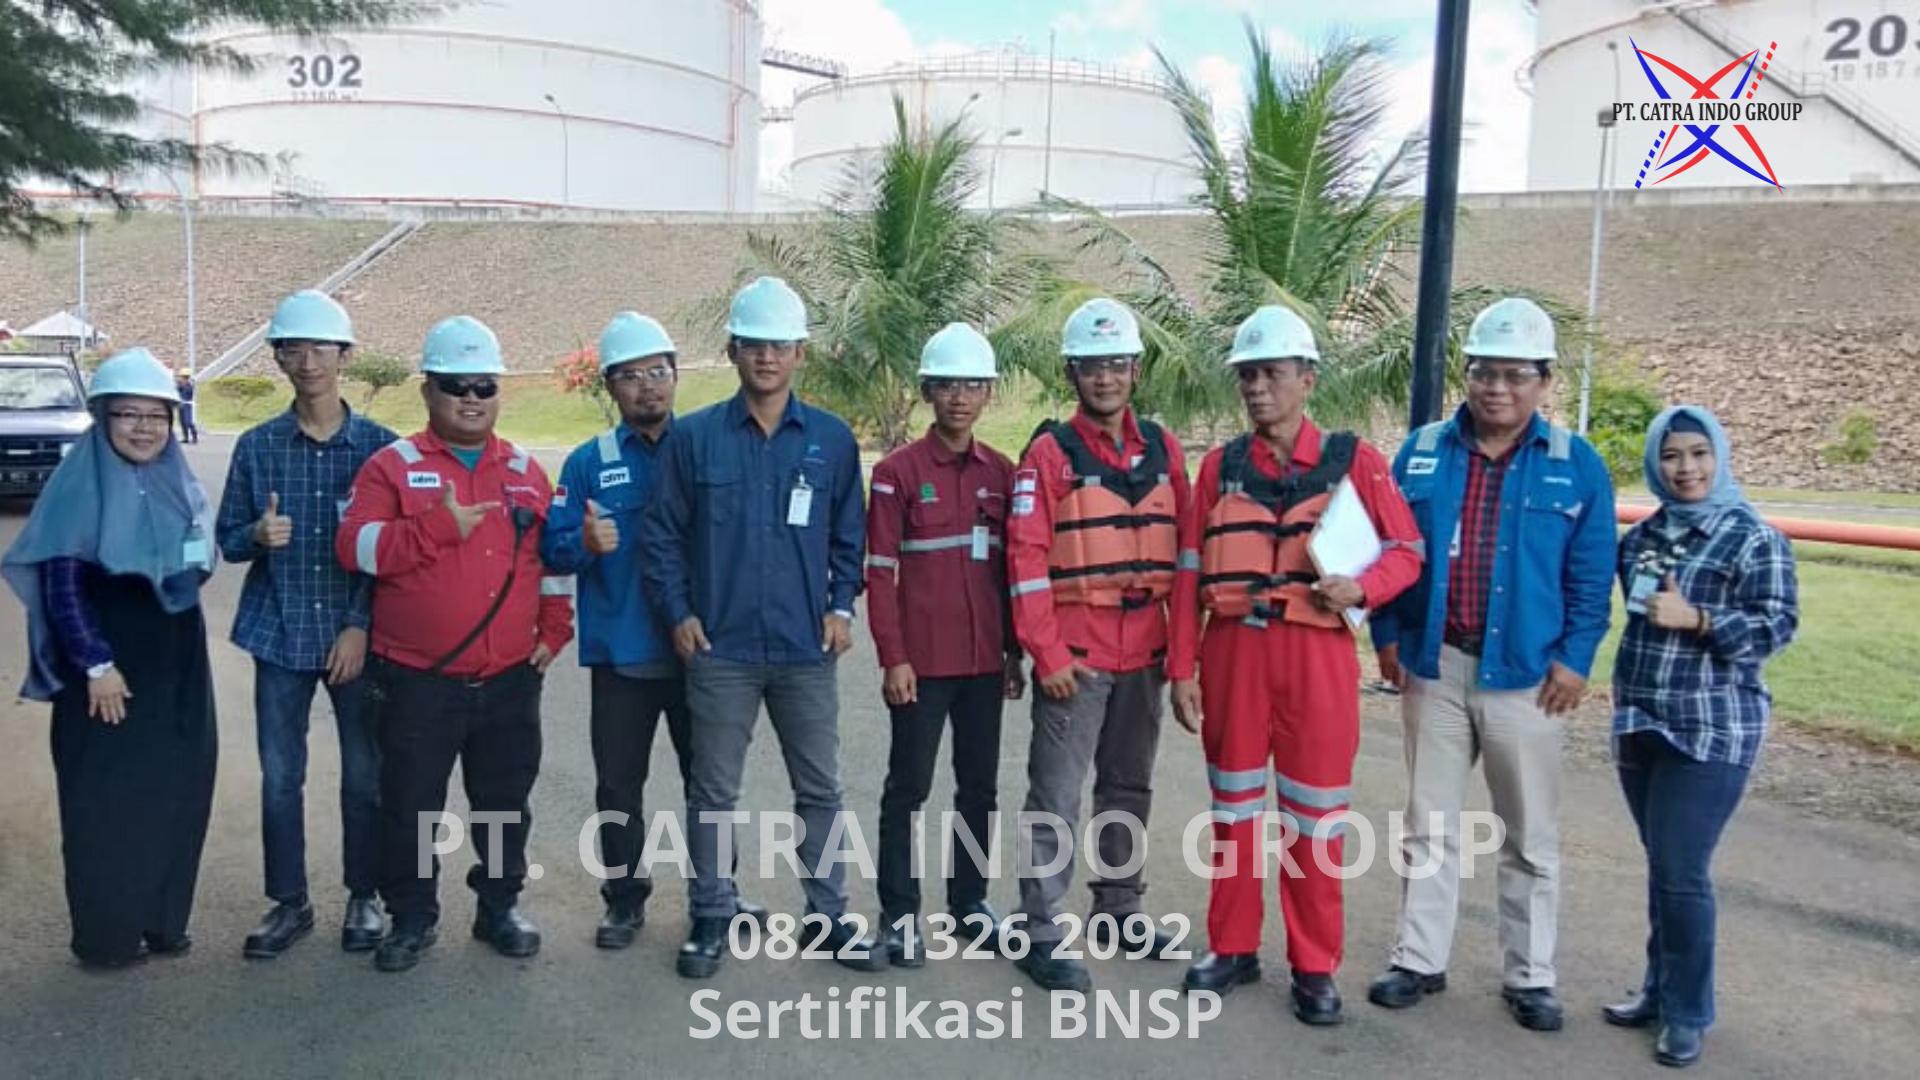 Info Sertifikasi BNSP dan Pelatihan dari Segala Bidang Profesi